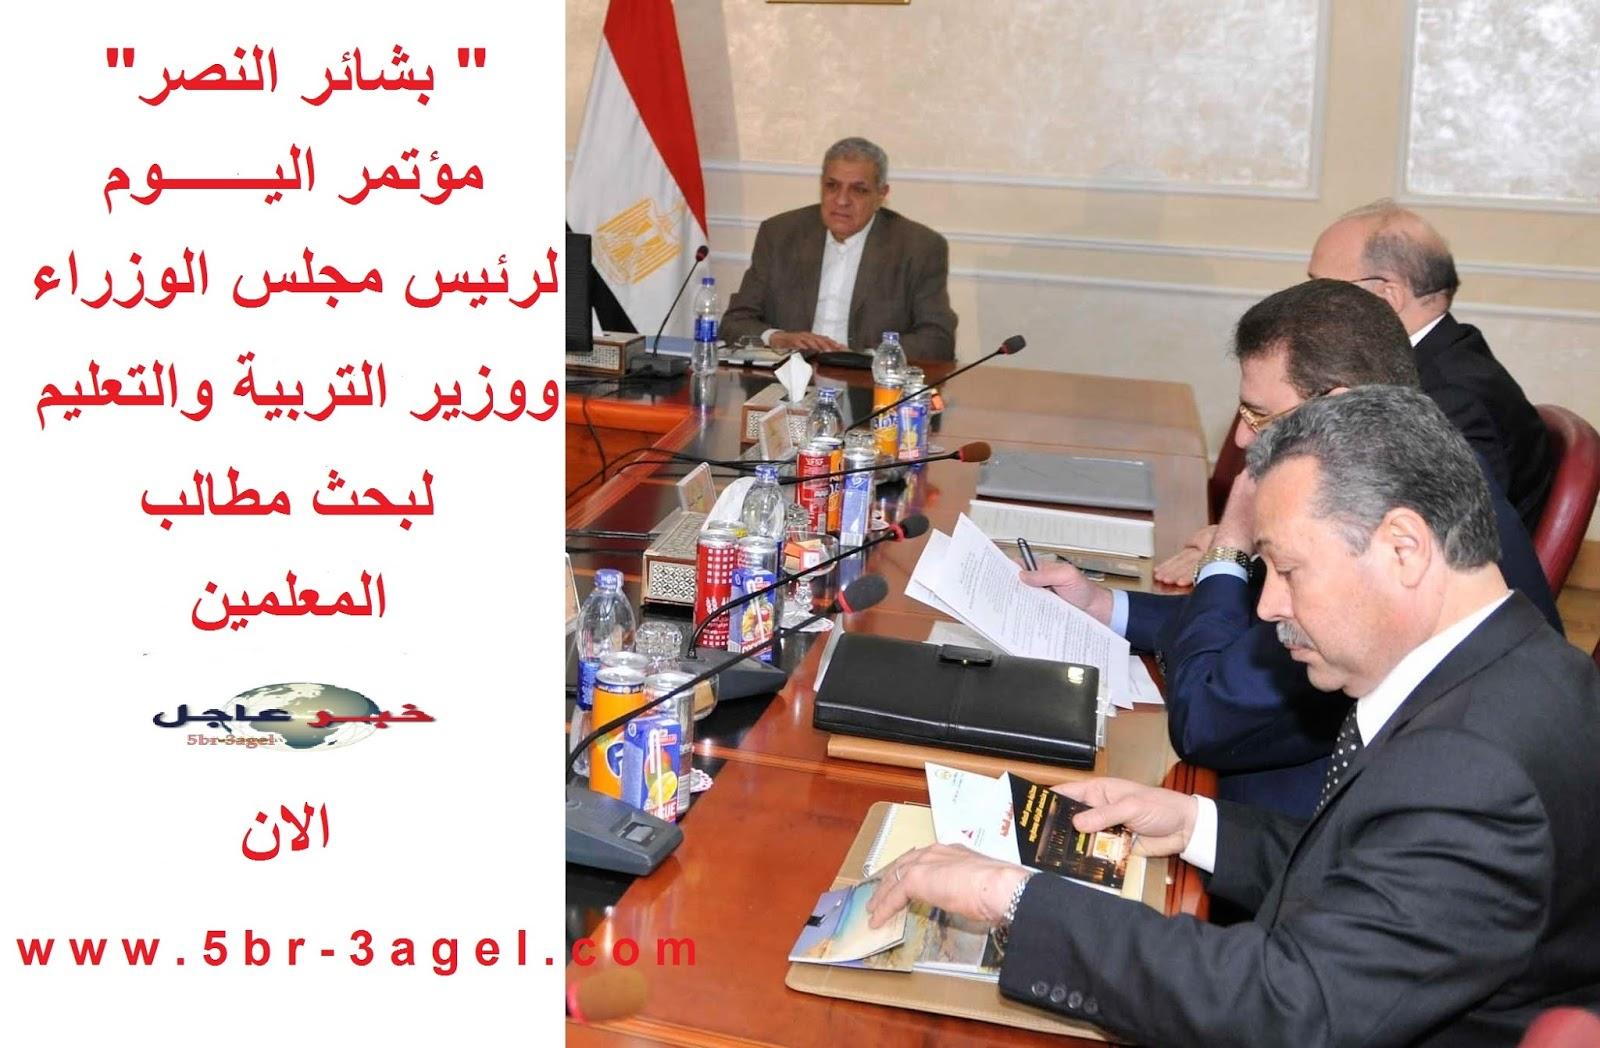 """بشائر النصر """" اليوم رئيس مجلس الوزراء ووزير التعليم يبحثان مطالب المعلمين """""""